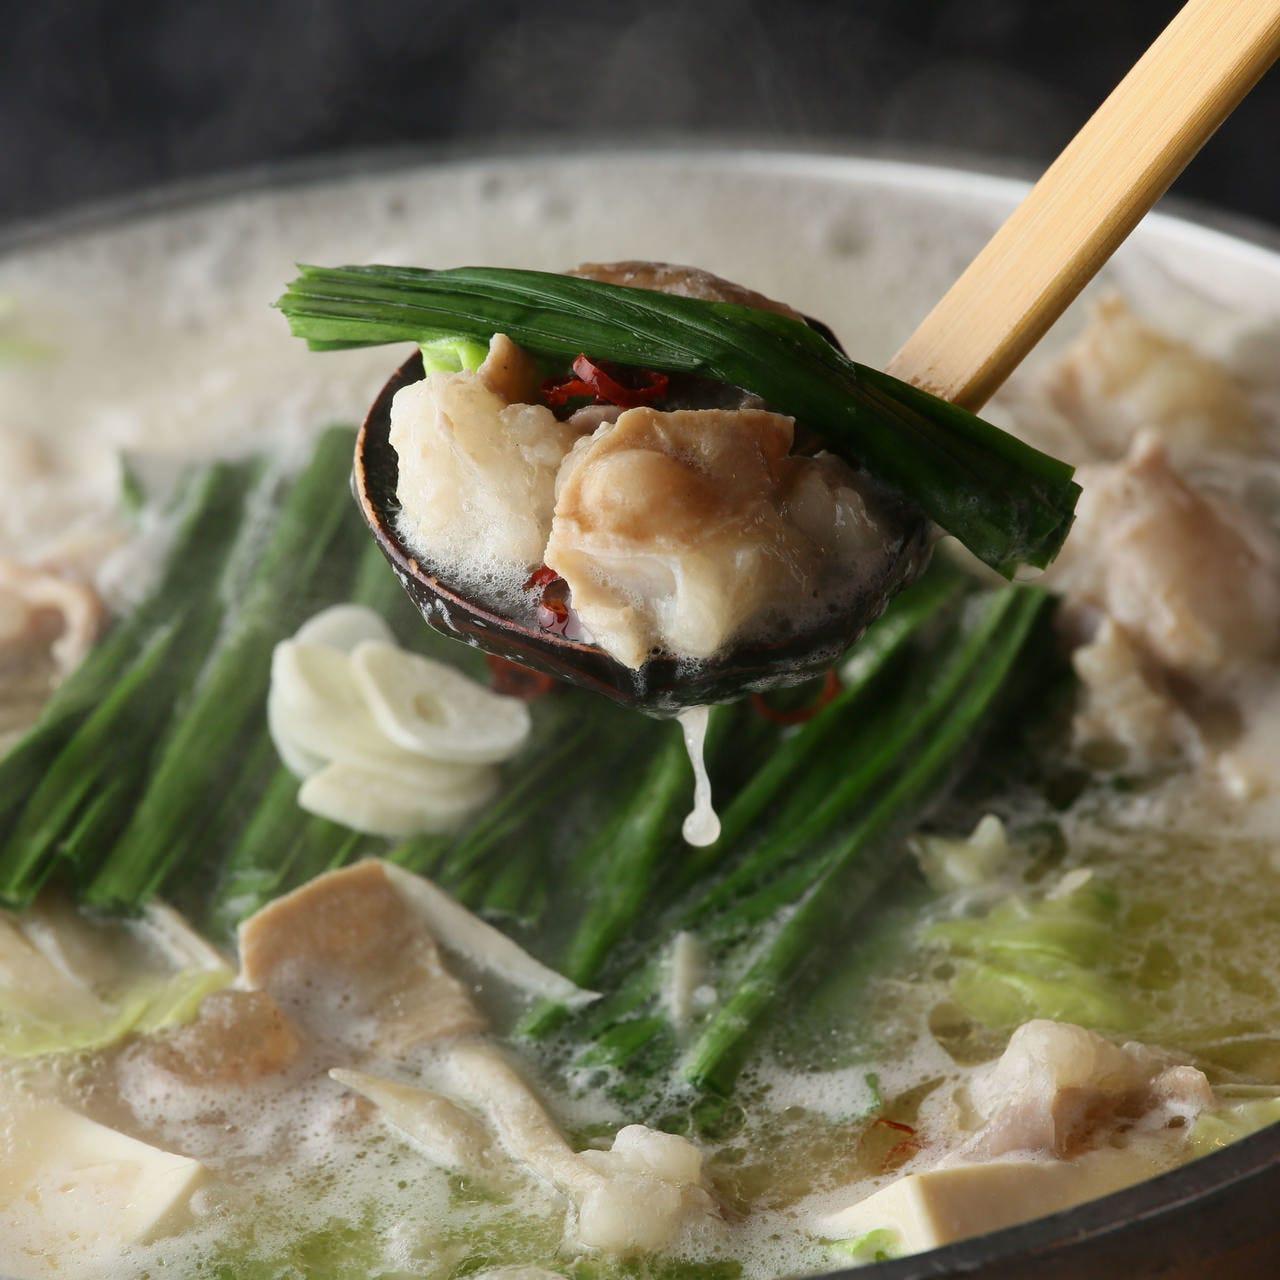 博多野菜巻き串 餃子 もつ鍋 芋蔵渋谷店